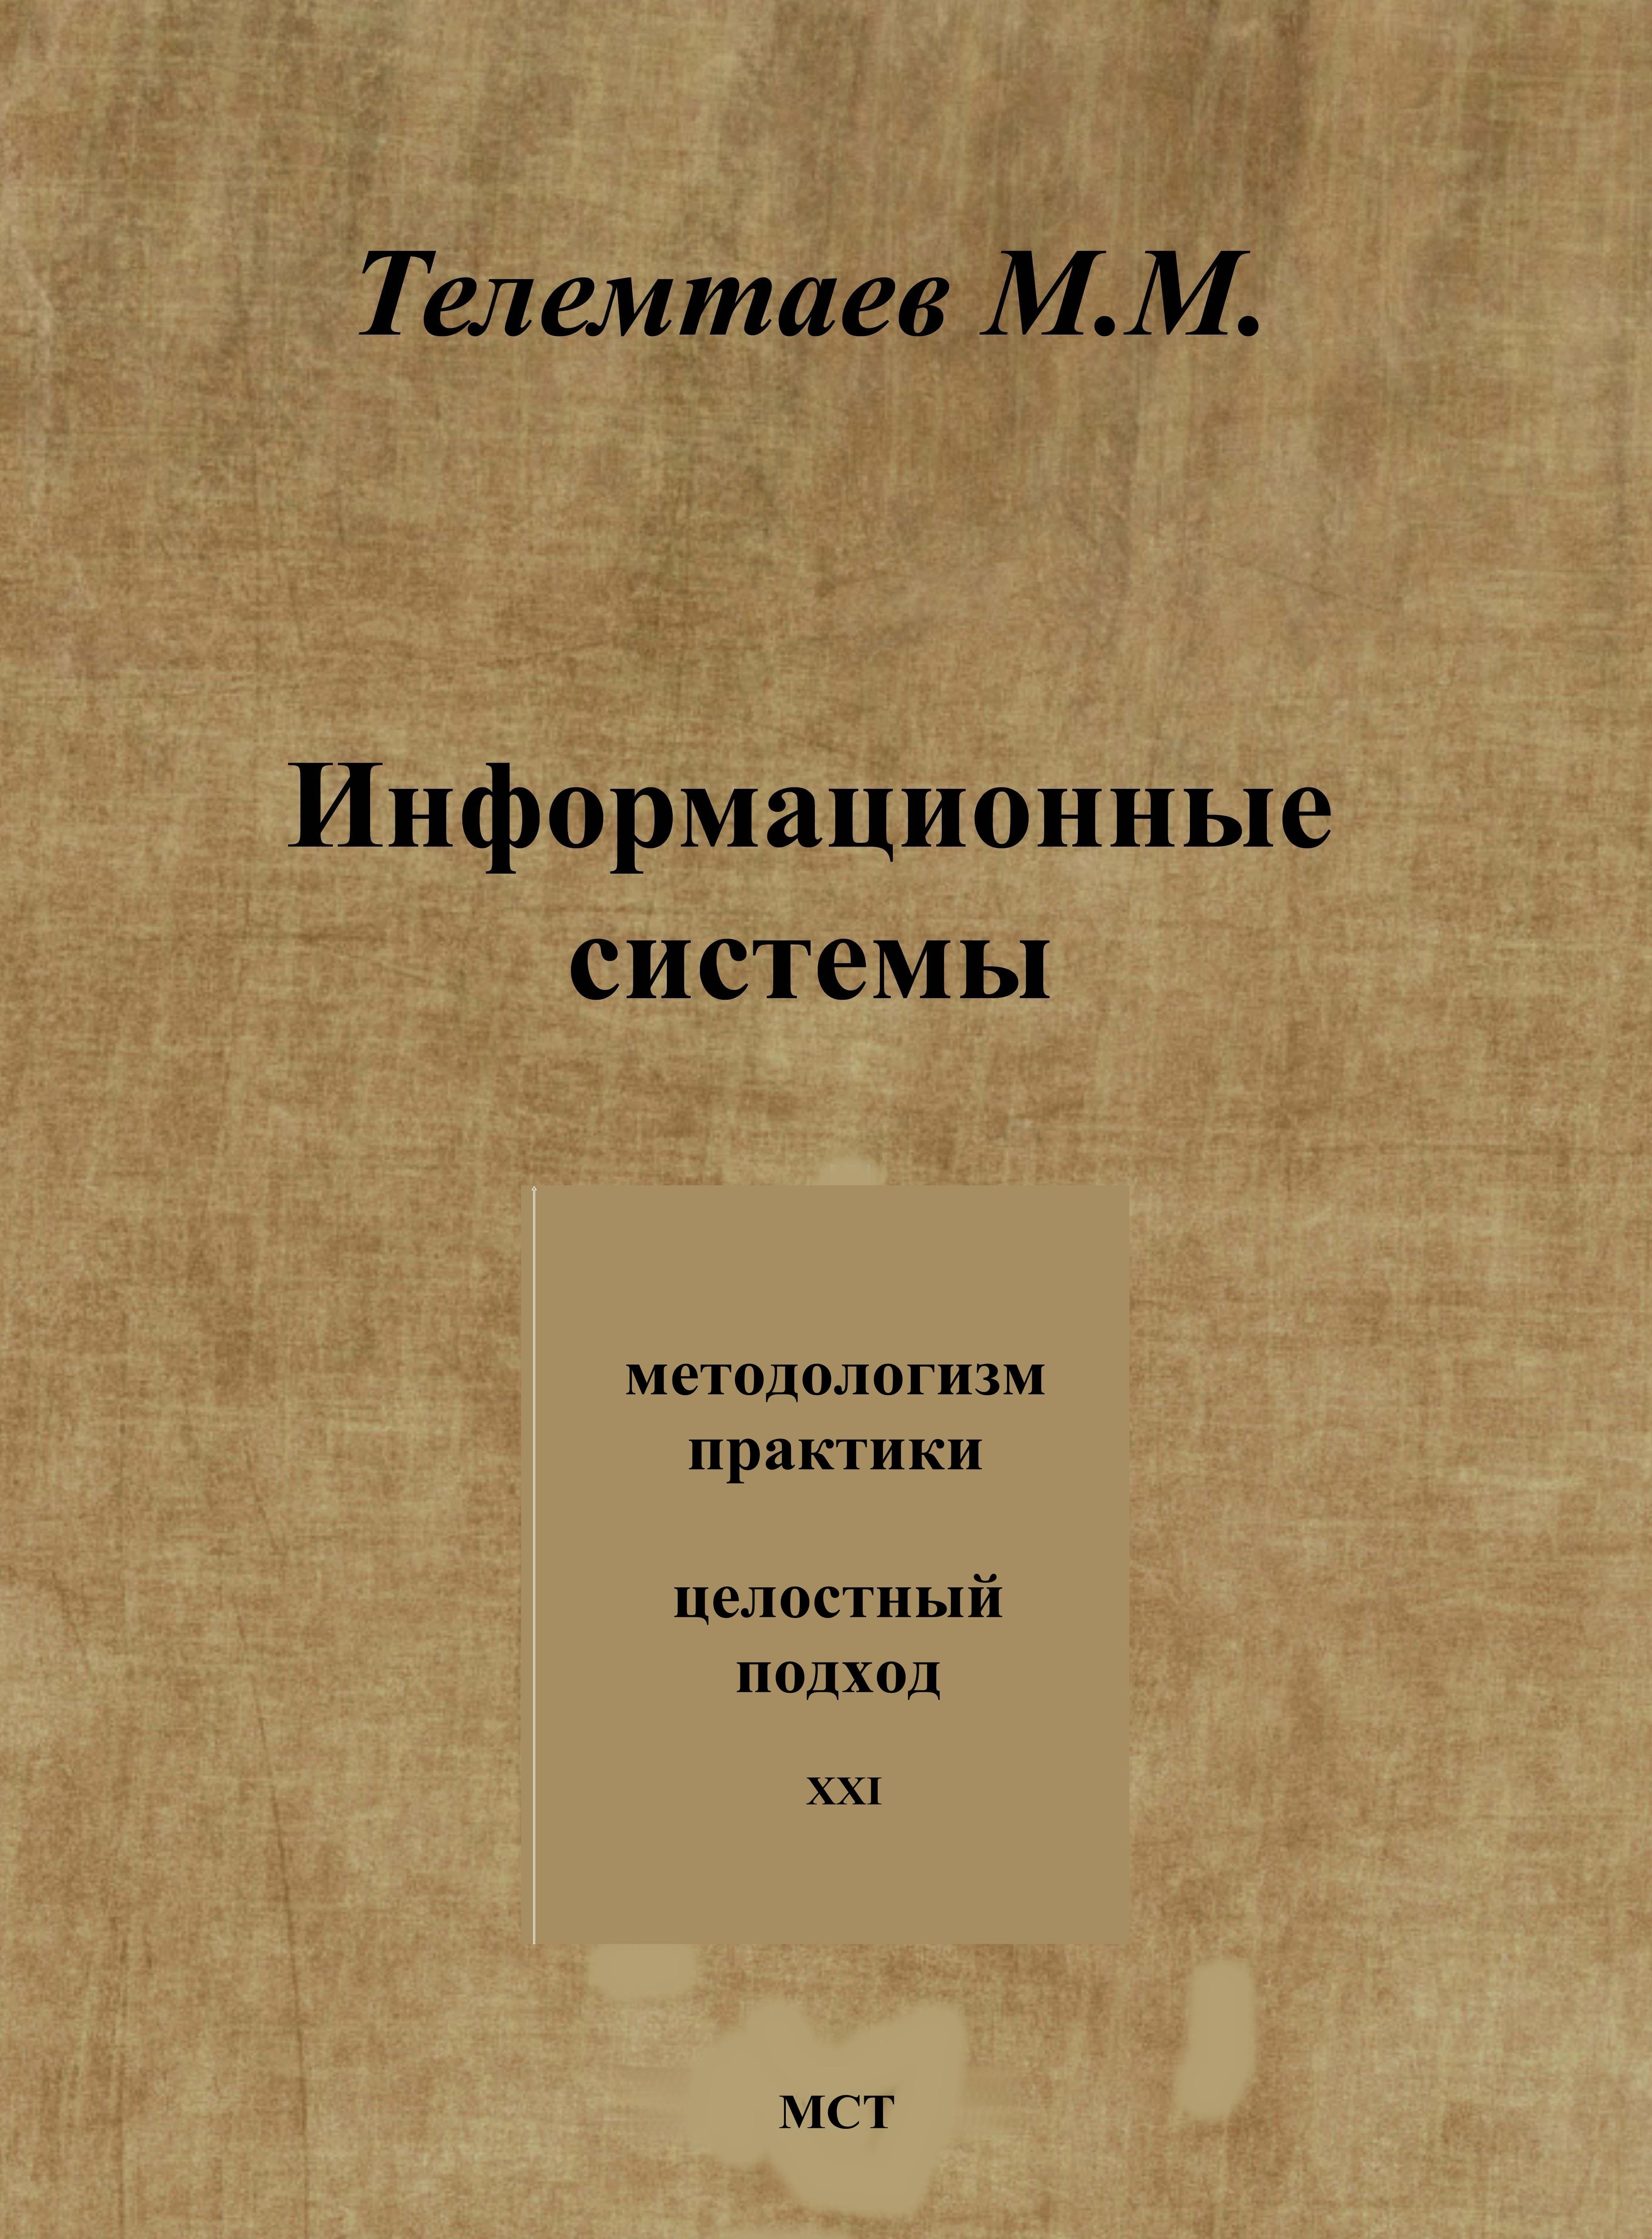 Марат Телемтаев Информационные системы марат телемтаев